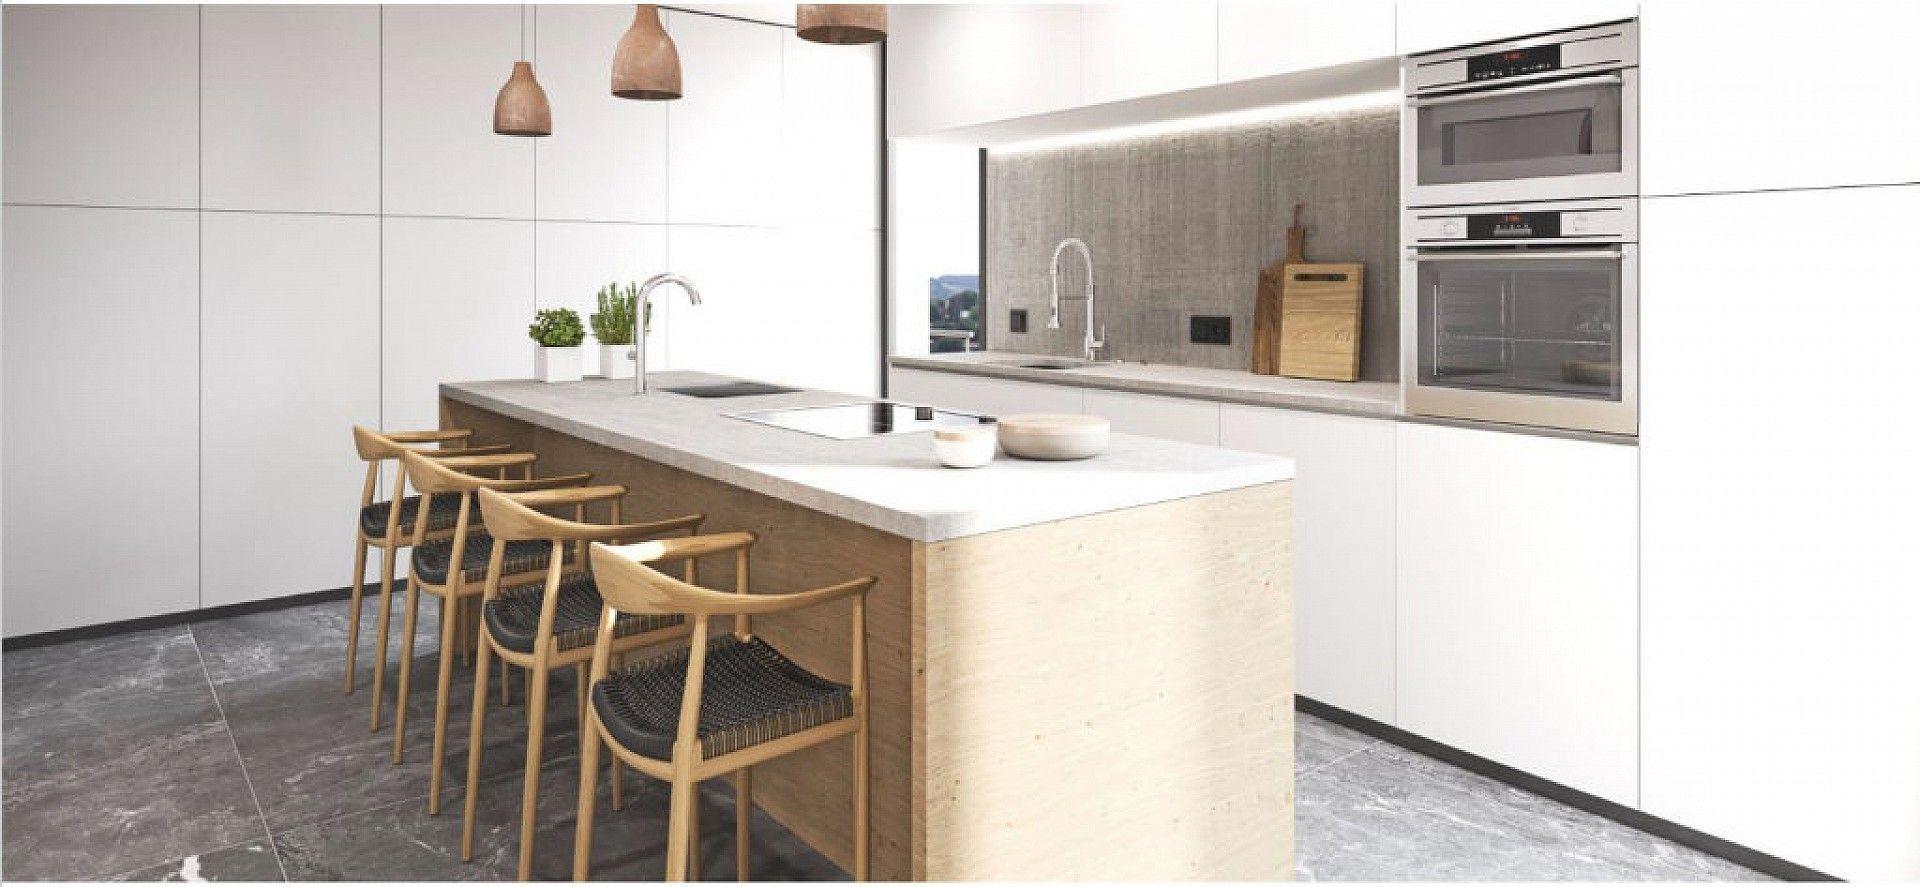 w_te-koop-huis-project-moraira-teulada-costa-blanca-nf2028-02-6.jpg